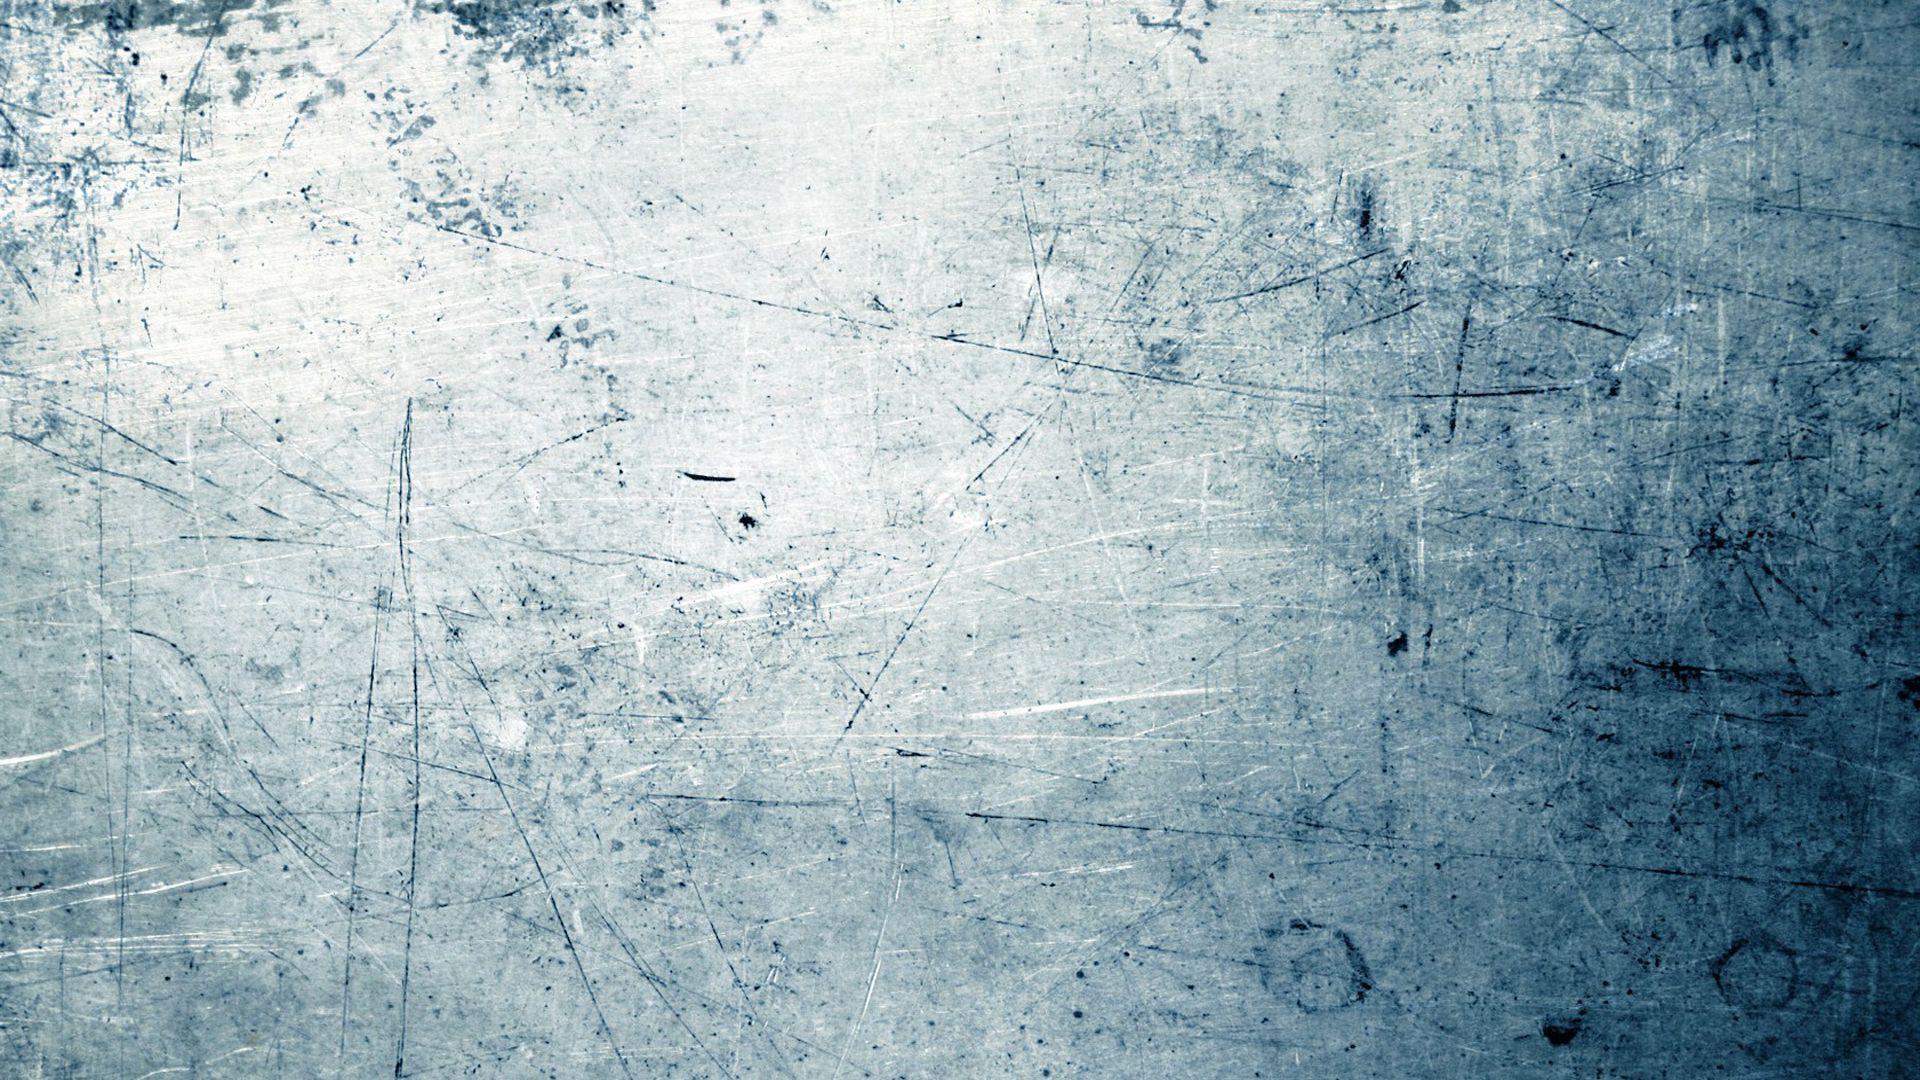 Grunge texture | ART - Graphic Design | Pinterest | Adobe